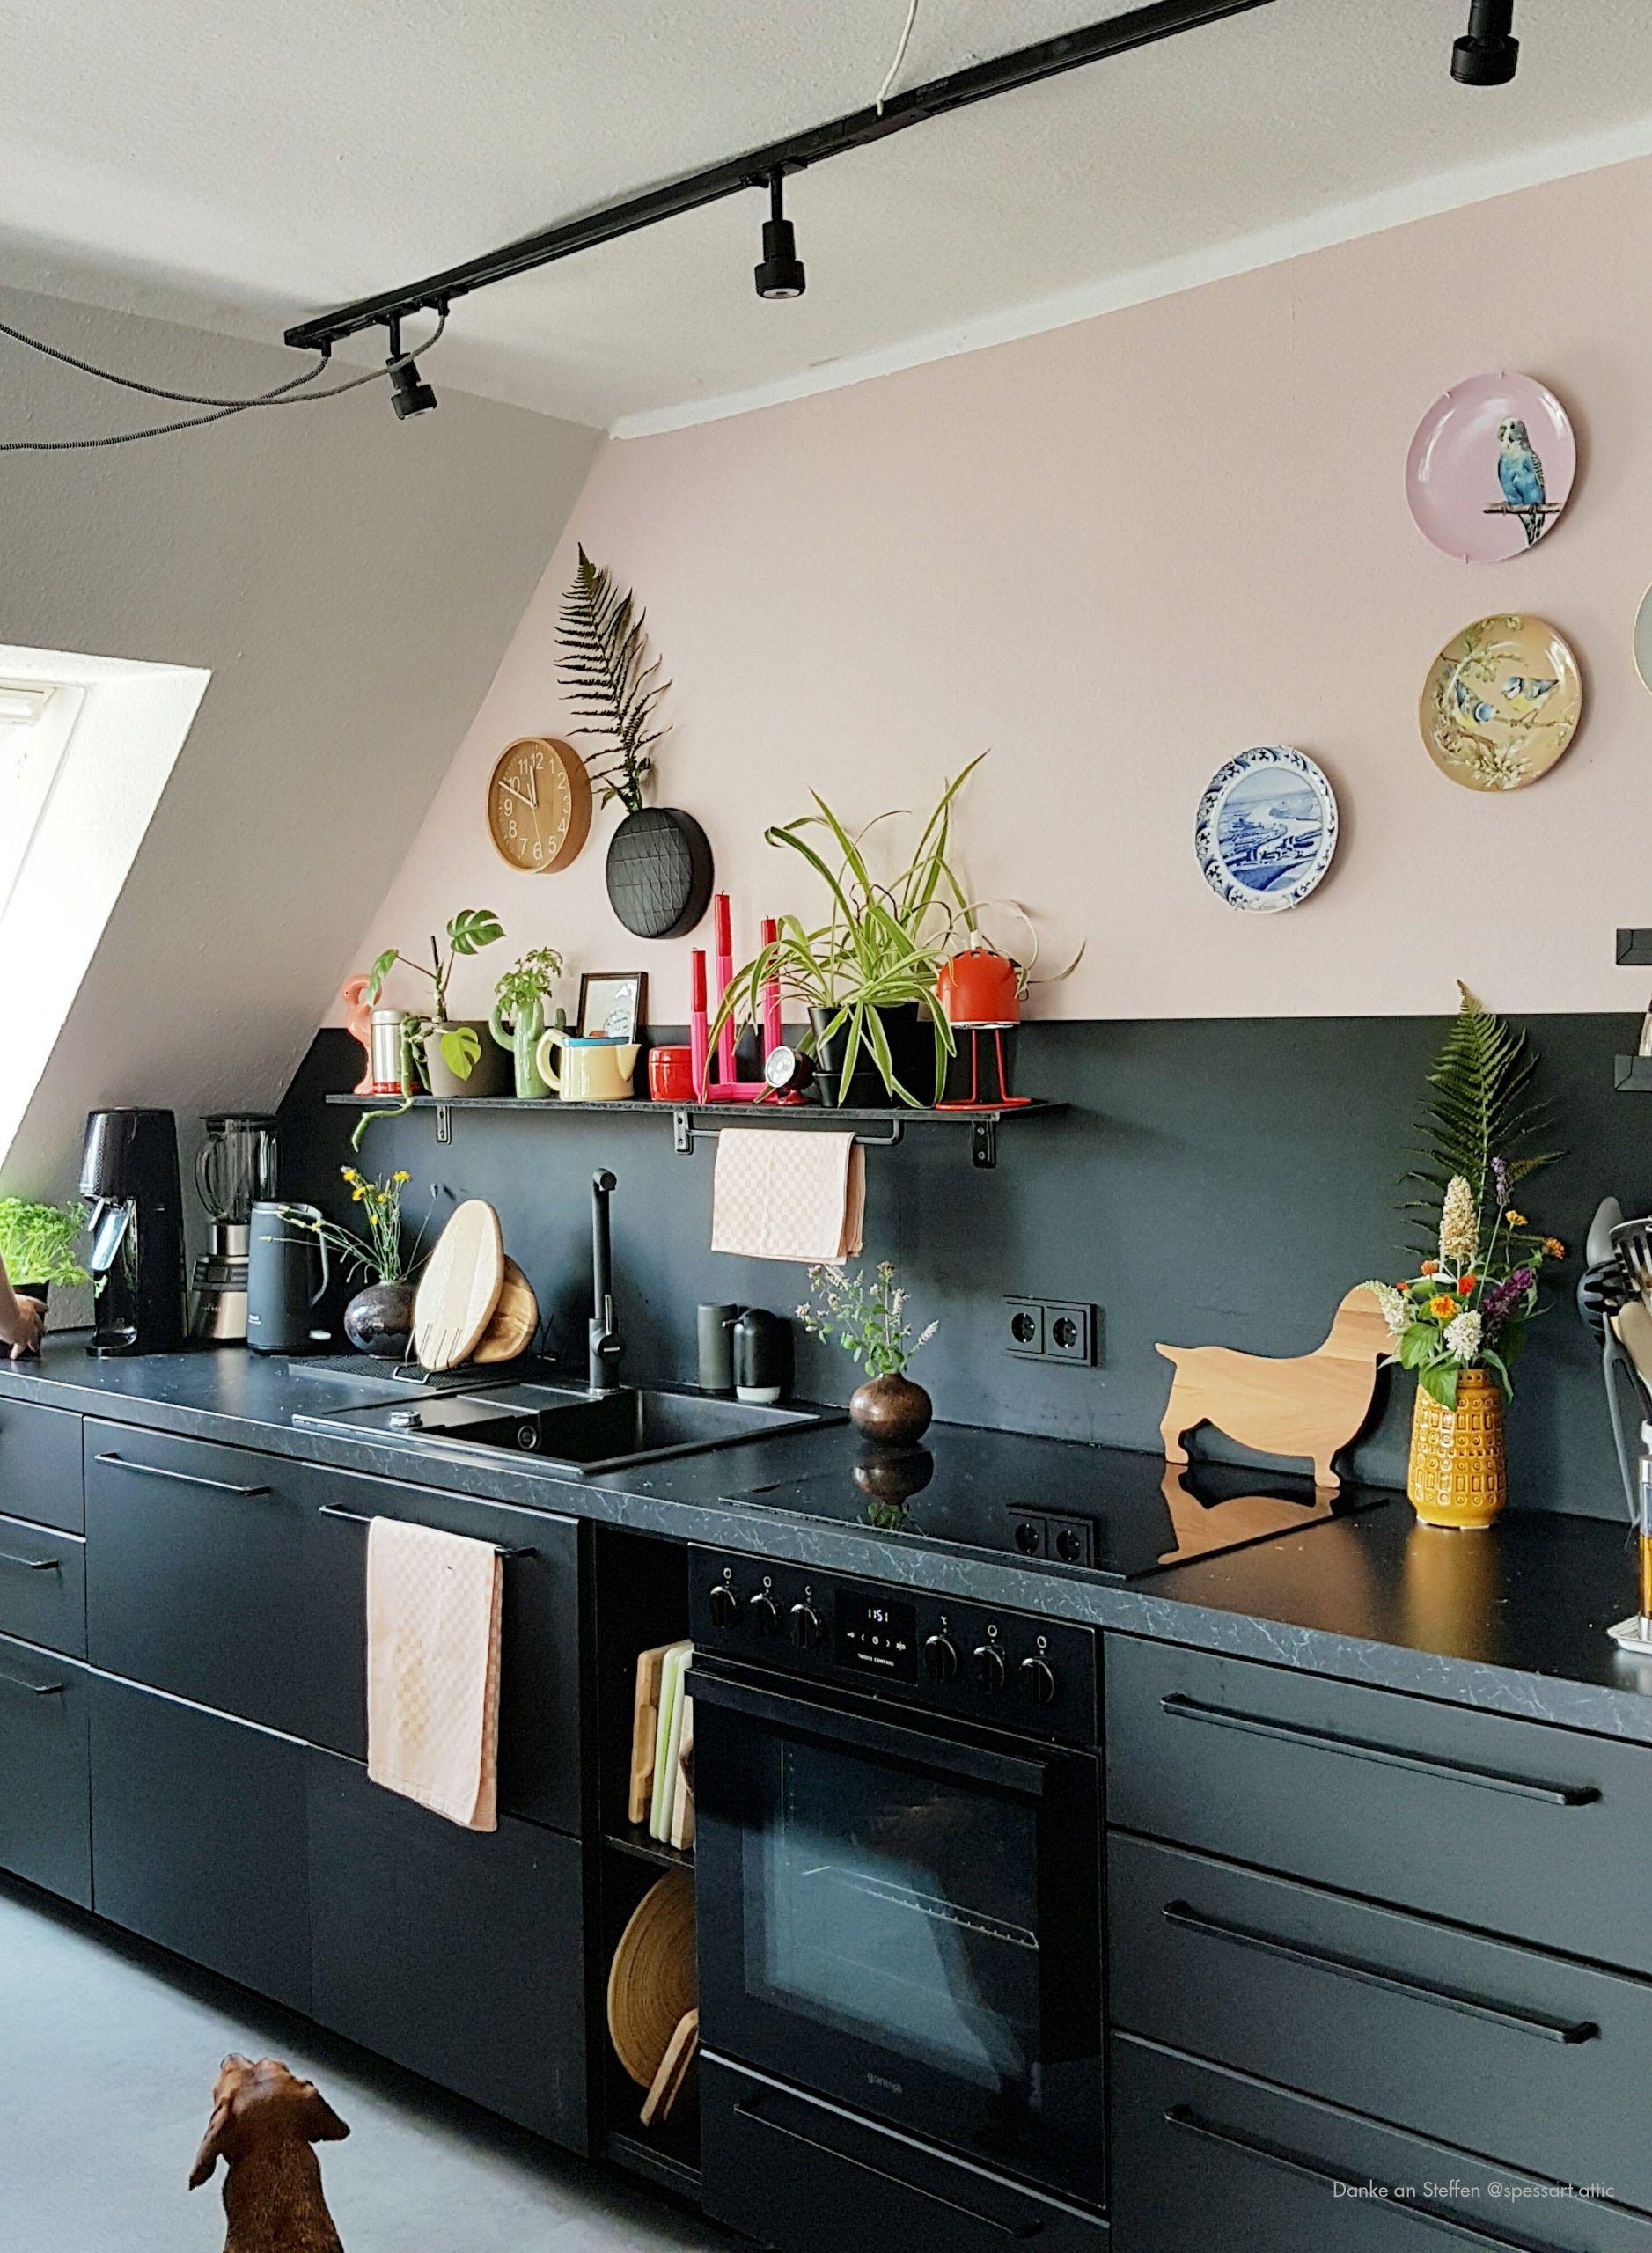 Altrosa Als Wandfarbe Sieht Super Aus Zu Der Schwarzen Kuche Wandfarbe Von Kol In 2020 Kuche Schwarz Wohnung Kuche Wandfarbe Kuche